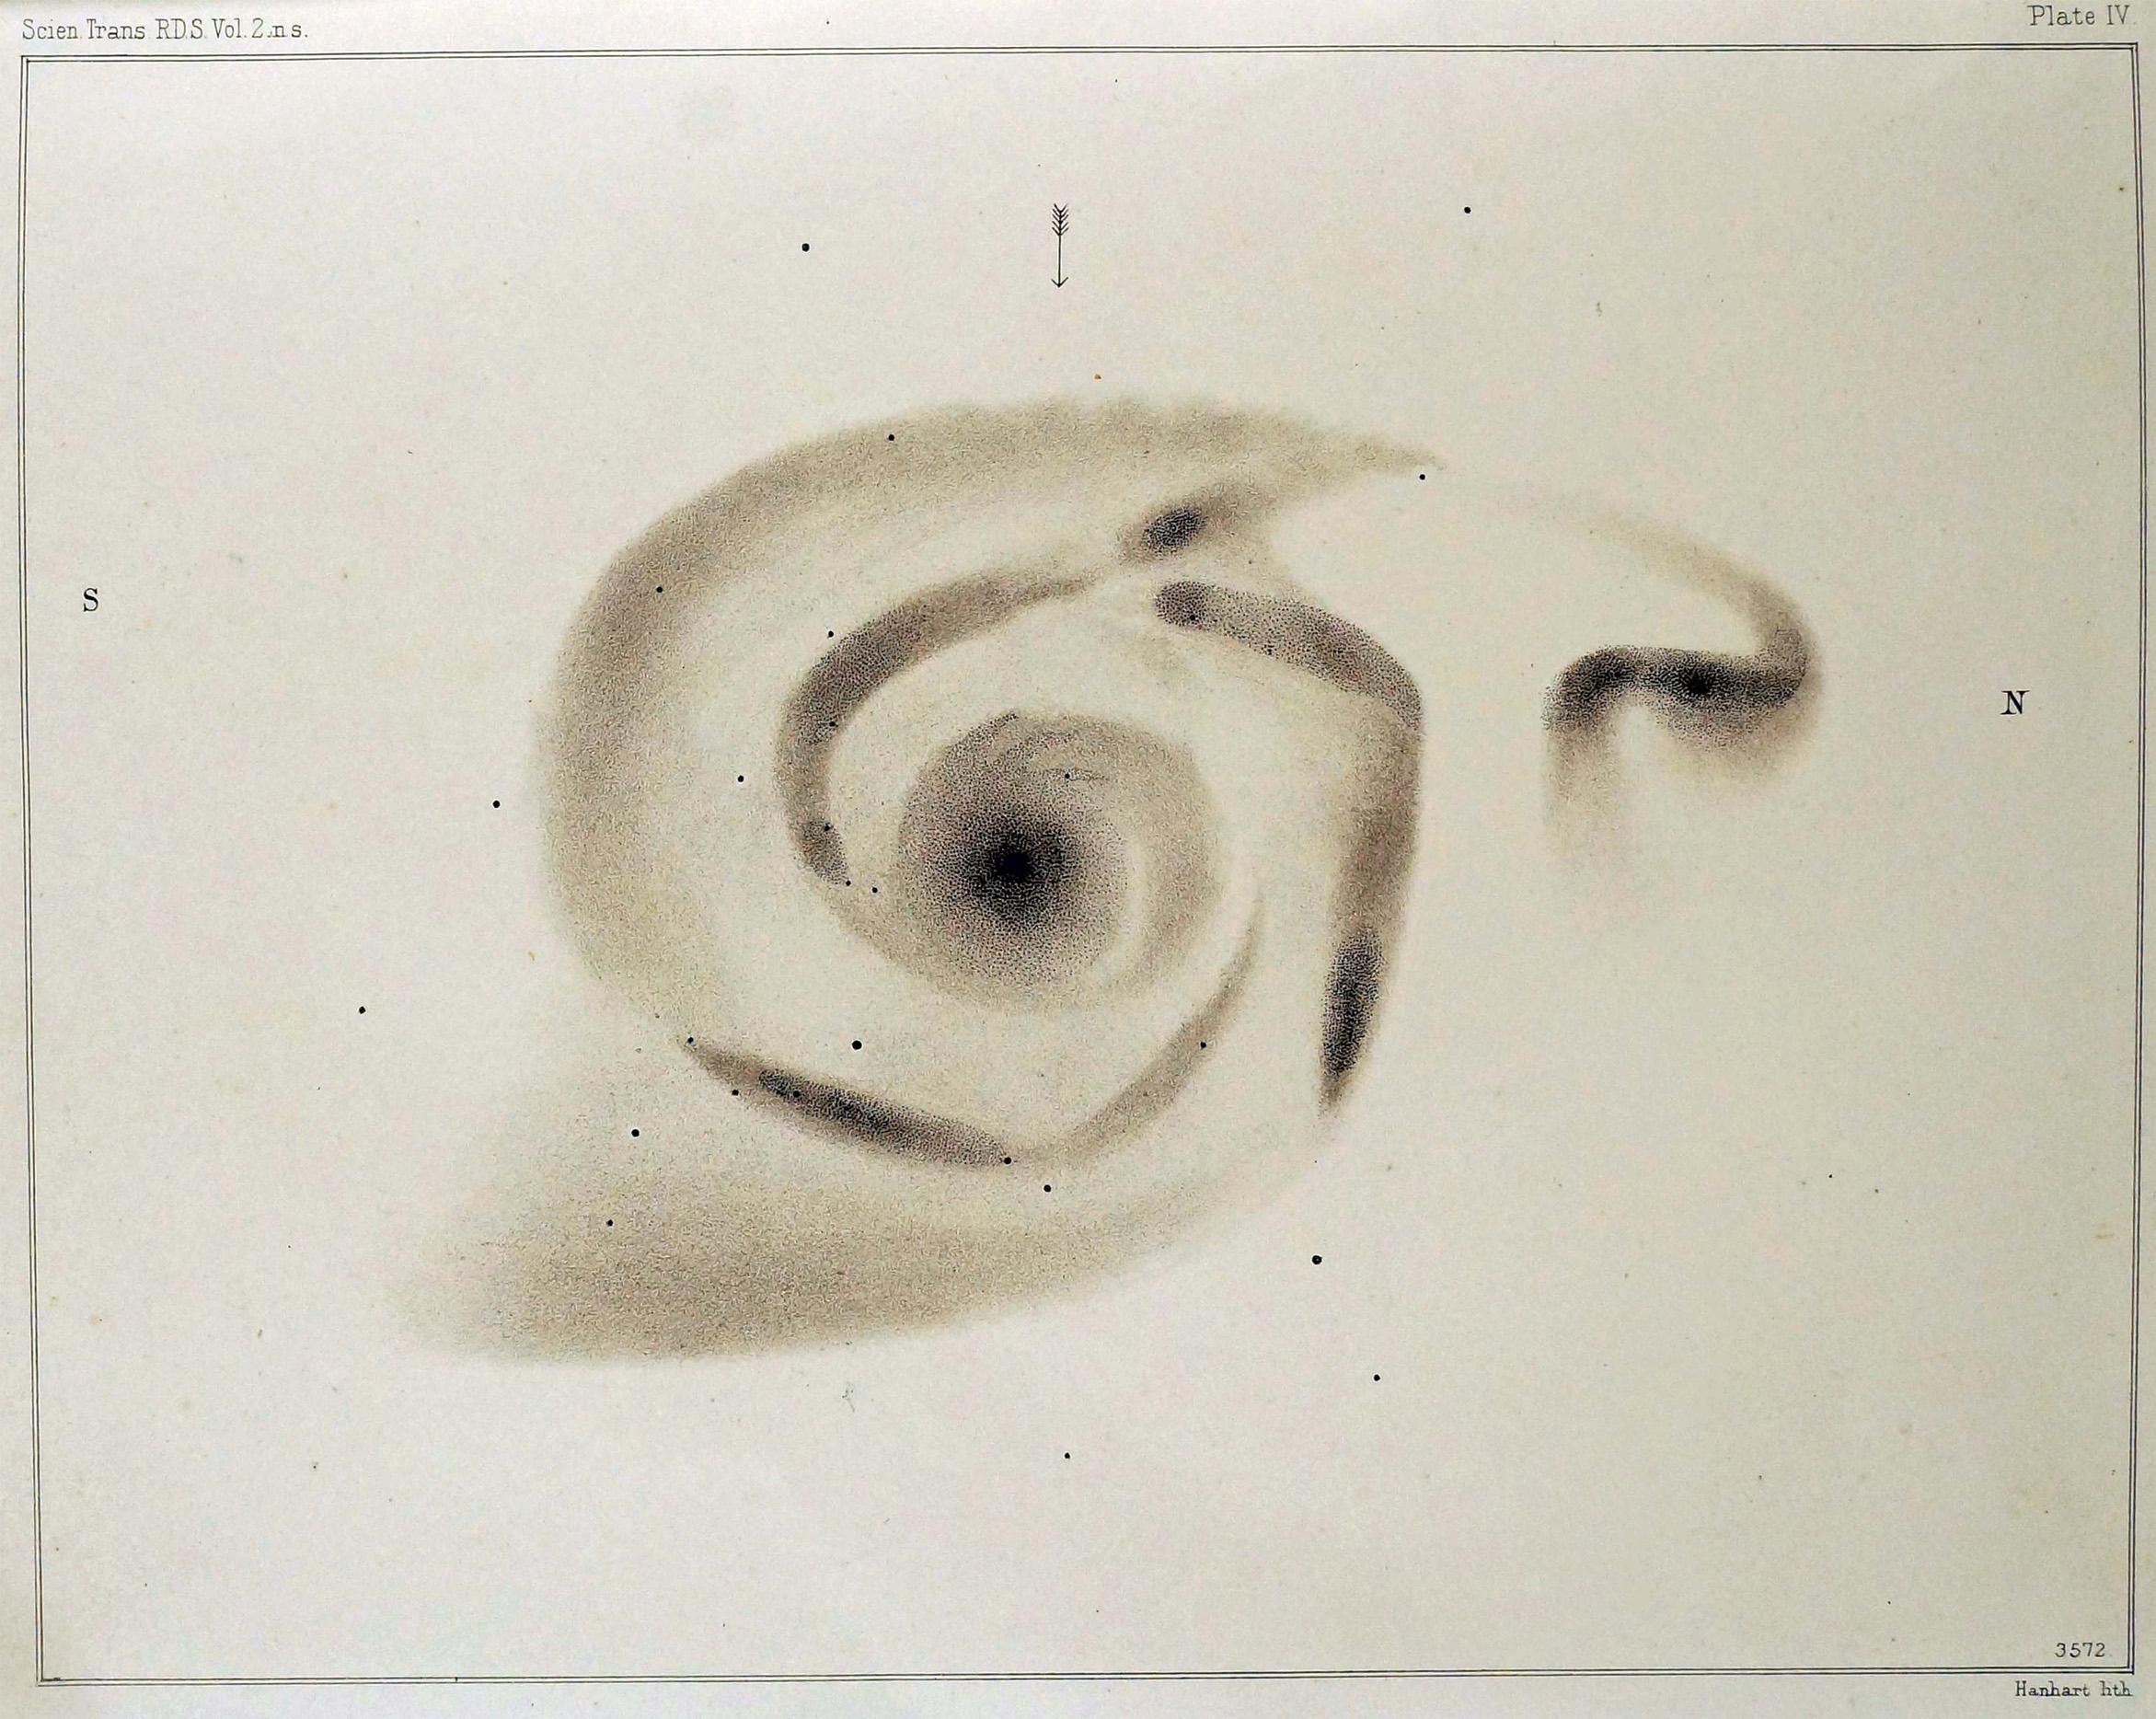 貴重資料展示室051 星図 - 国立天文台暦計算室